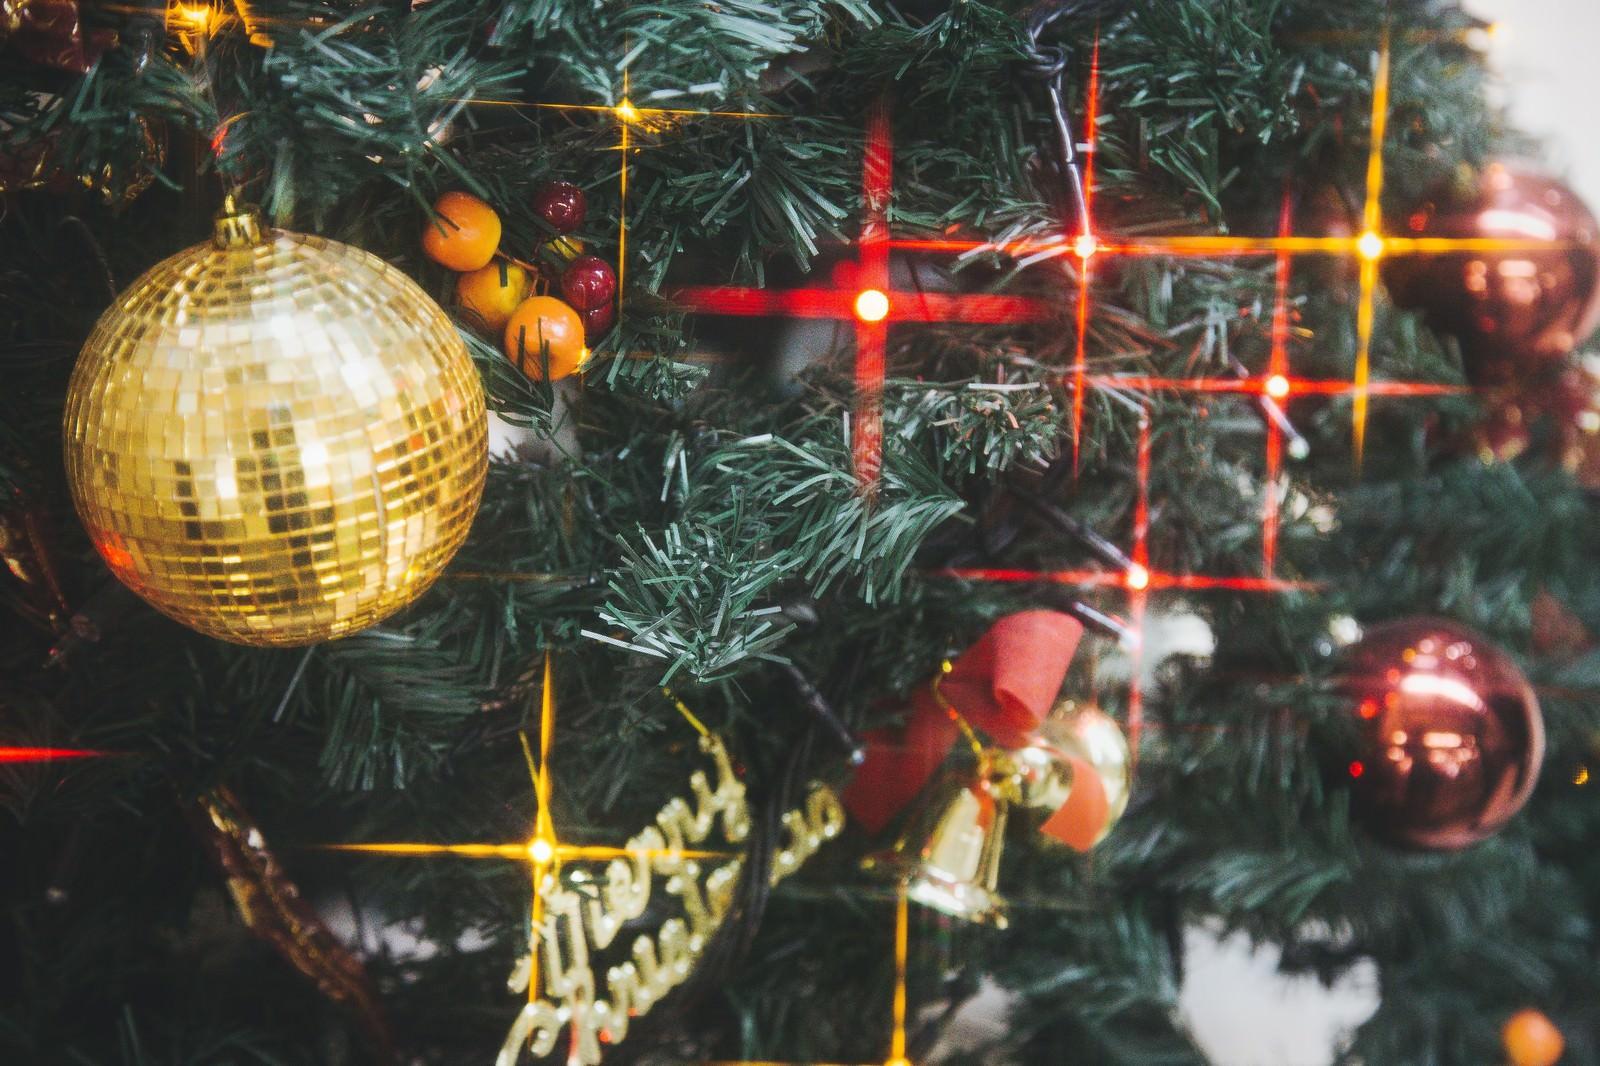 「光輝くクリスマスツリーの飾りとライト」の写真